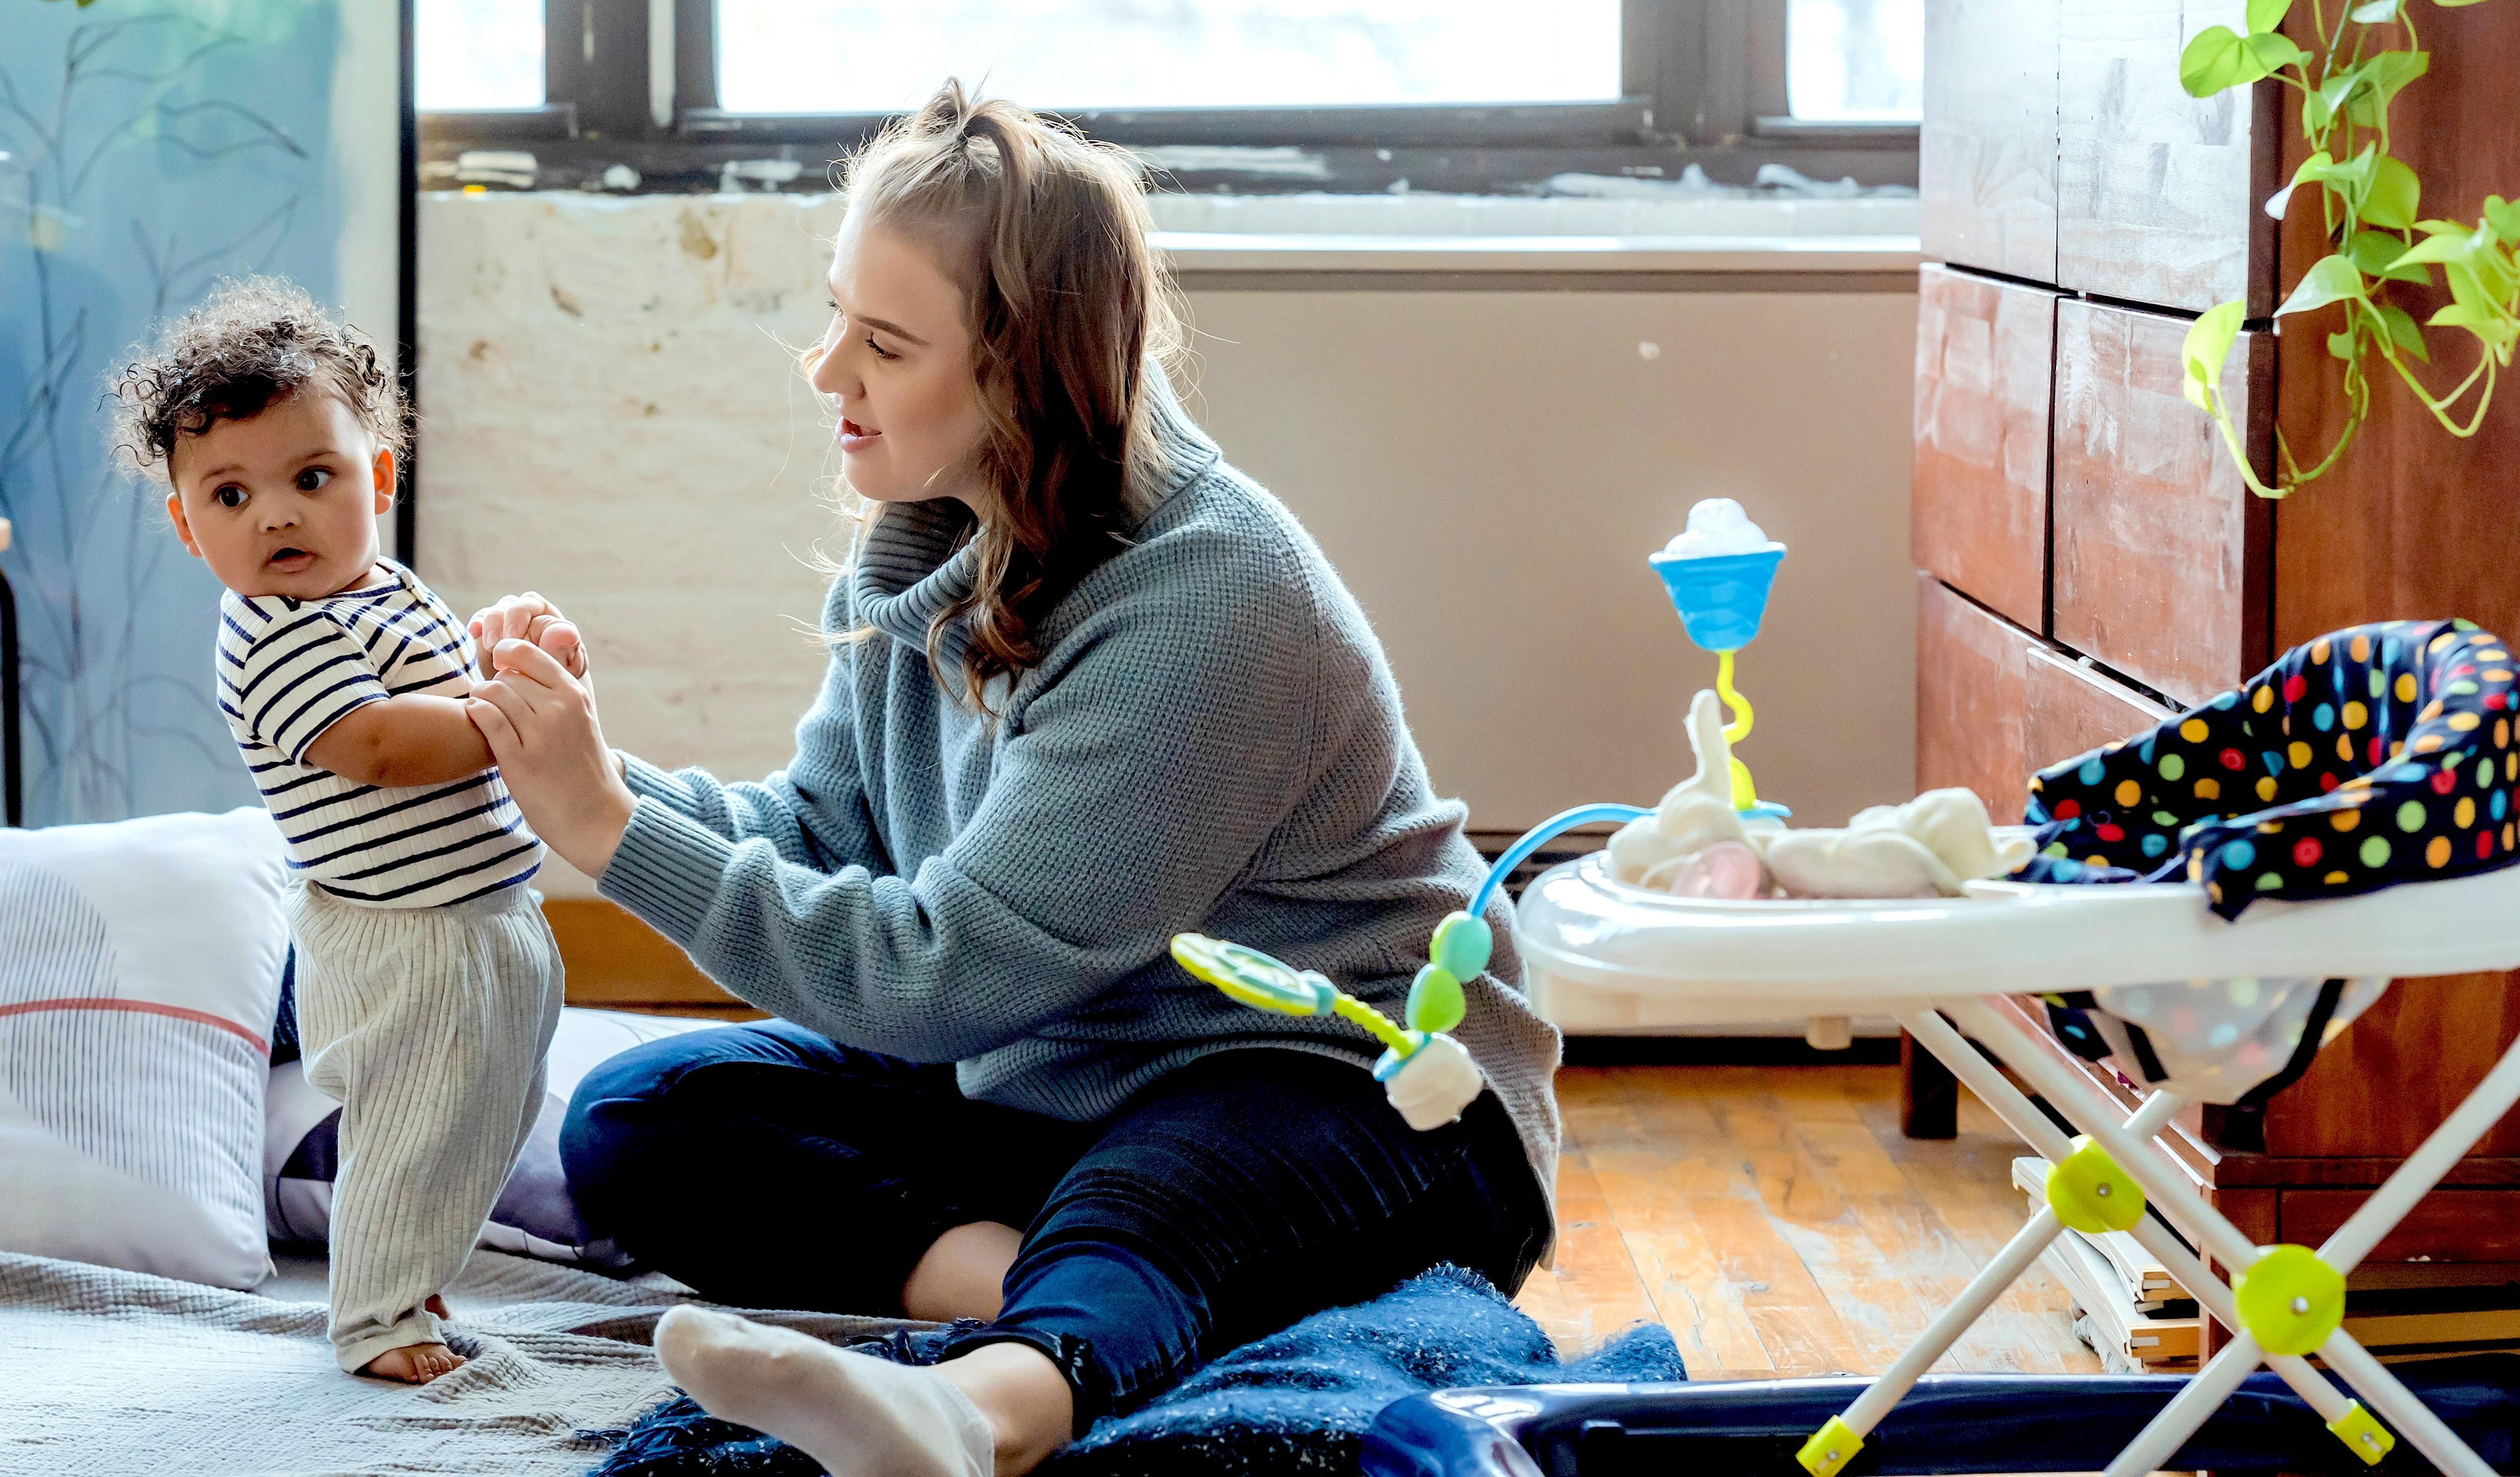 child-care-picture-